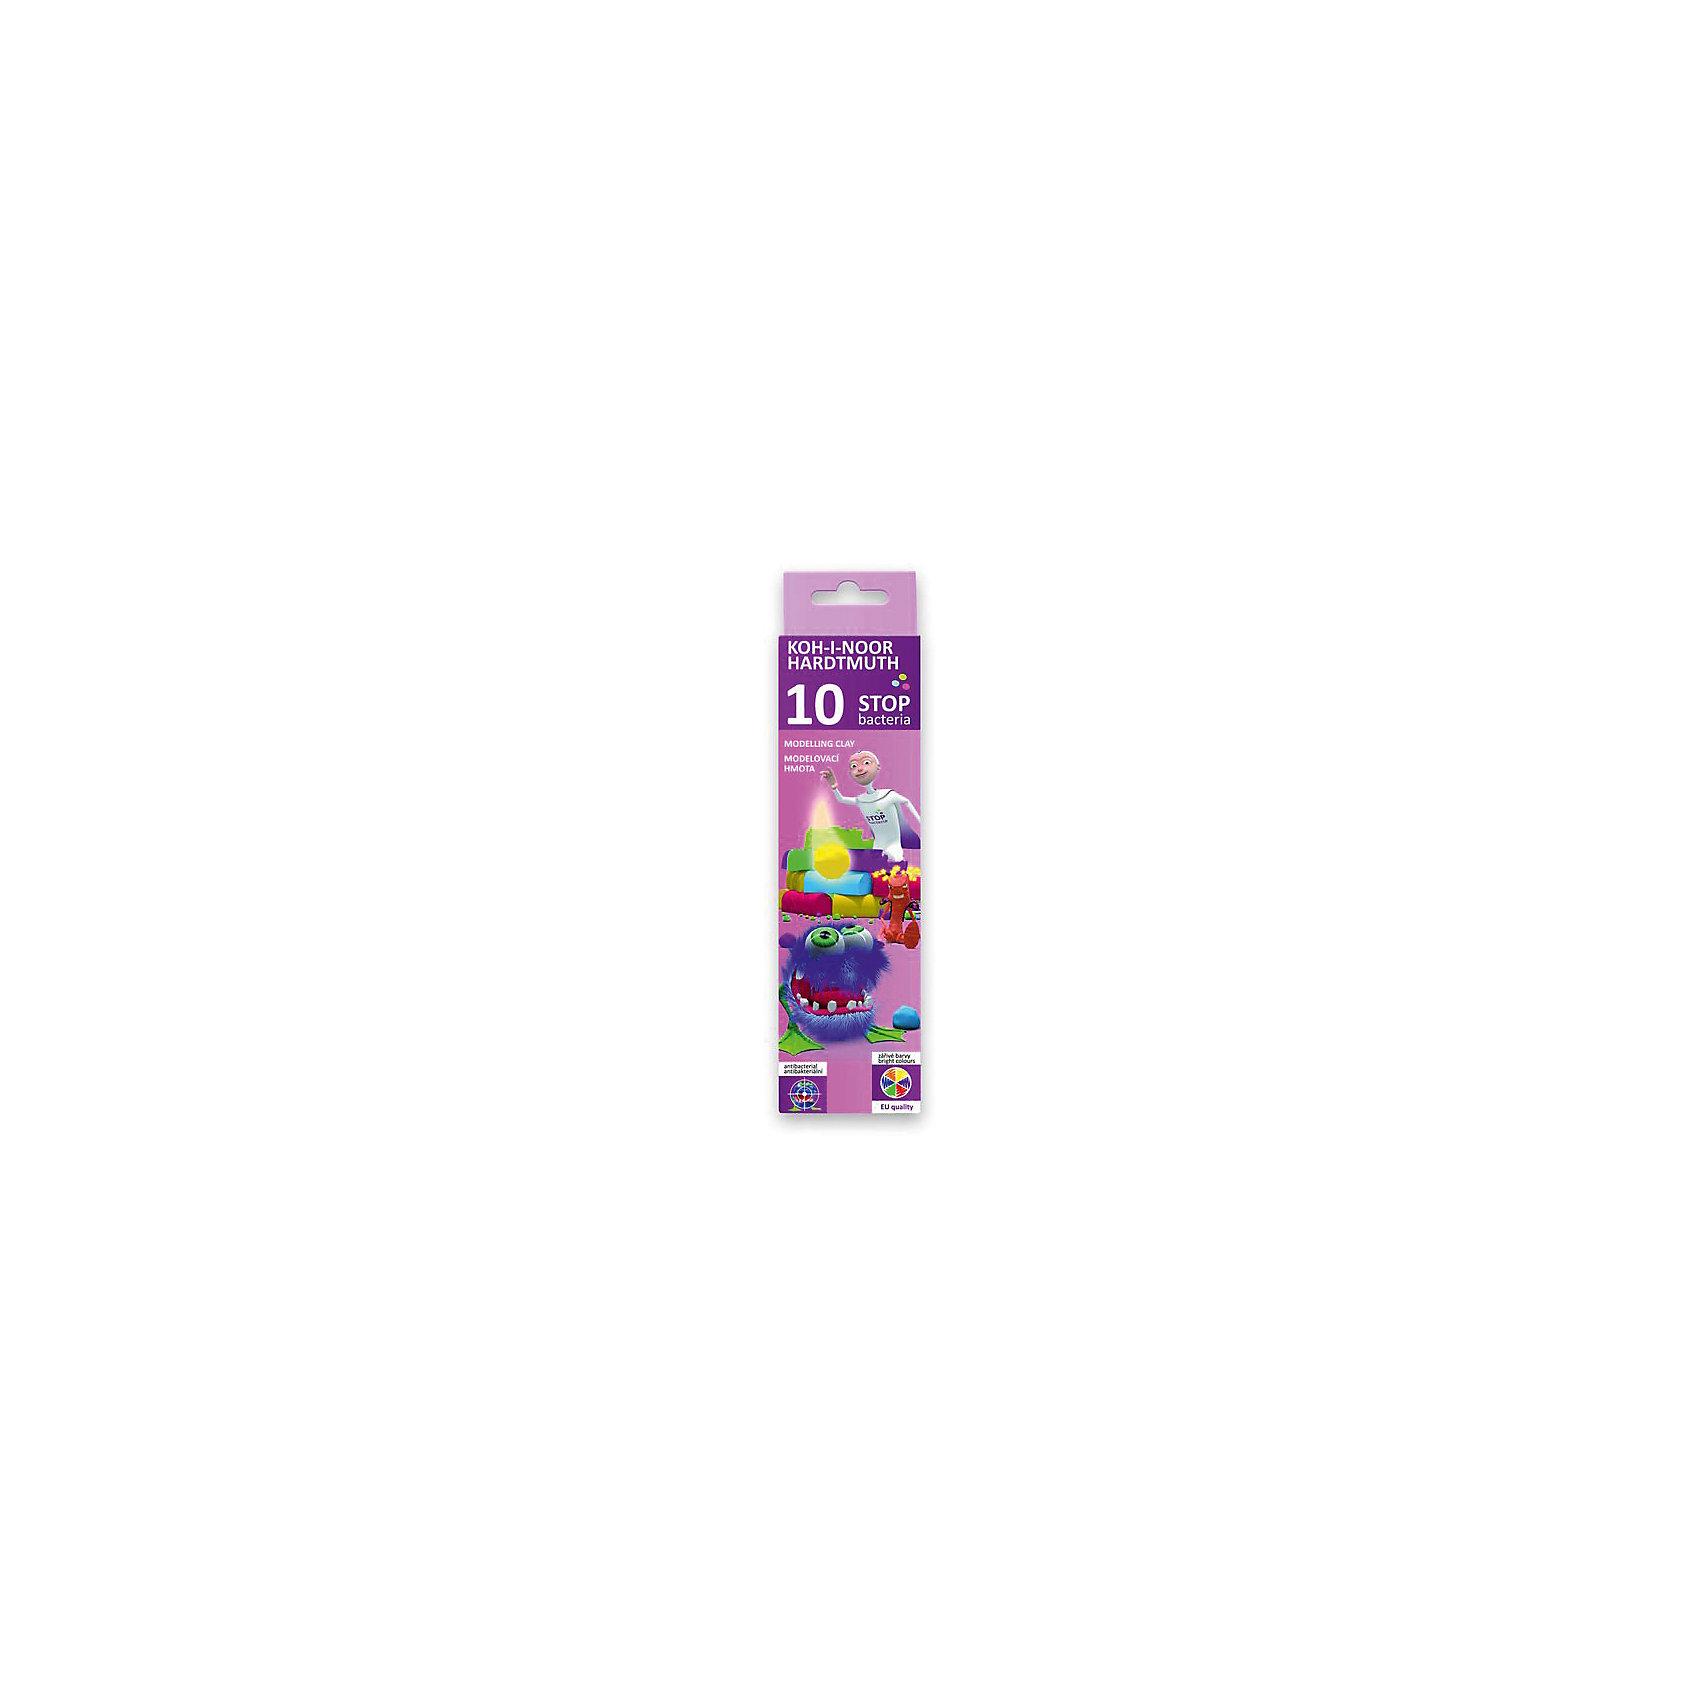 KOH-I-NOOR Пластилин 10 цветовРисование и лепка<br>Антибактериальный, содержит в составе специальные вещества, препятствующие росту и размножению бактерий на его поверхности.  Пластичный, нетоксичный, без запаха, не липнет к рукам, хорошая разминаемость. В картонной коробке с европодвесом. 10 цветов, 200 г<br><br>Ширина мм: 150<br>Глубина мм: 70<br>Высота мм: 20<br>Вес г: 200<br>Возраст от месяцев: 36<br>Возраст до месяцев: 168<br>Пол: Унисекс<br>Возраст: Детский<br>SKU: 6858983